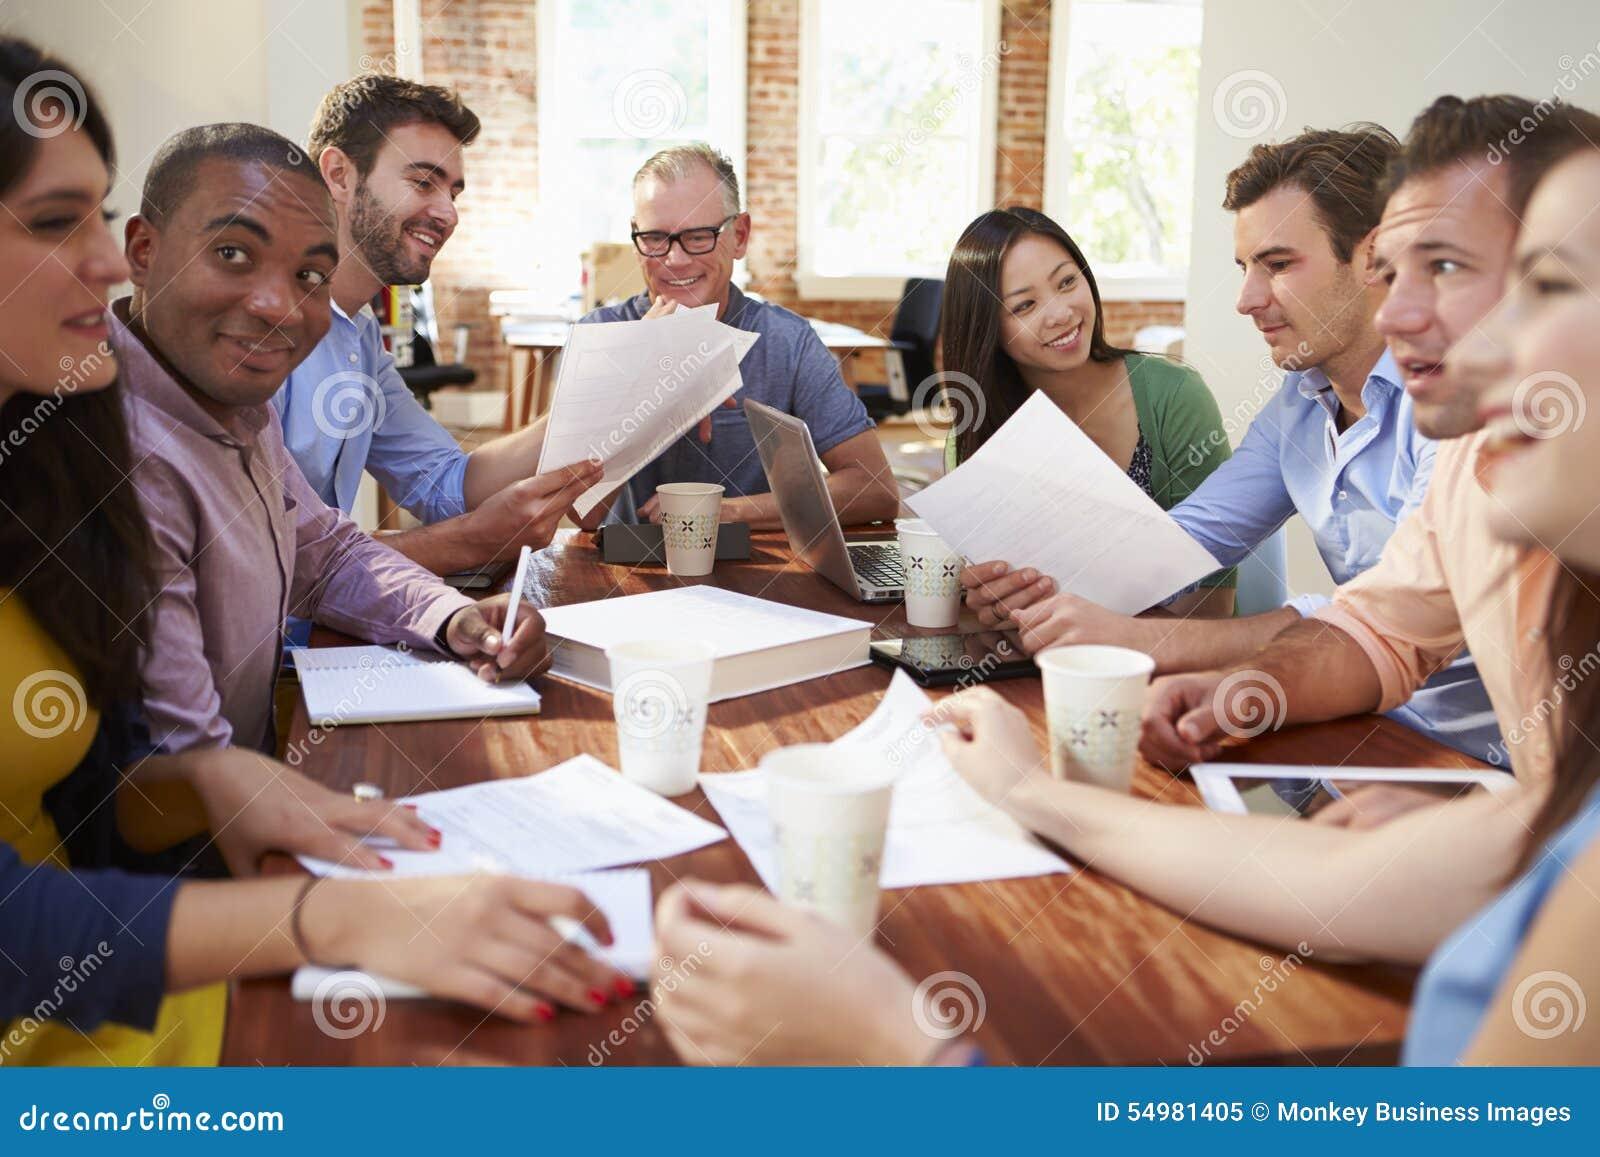 Gruppe Büroangestellten, die sich treffen, um Ideen zu besprechen